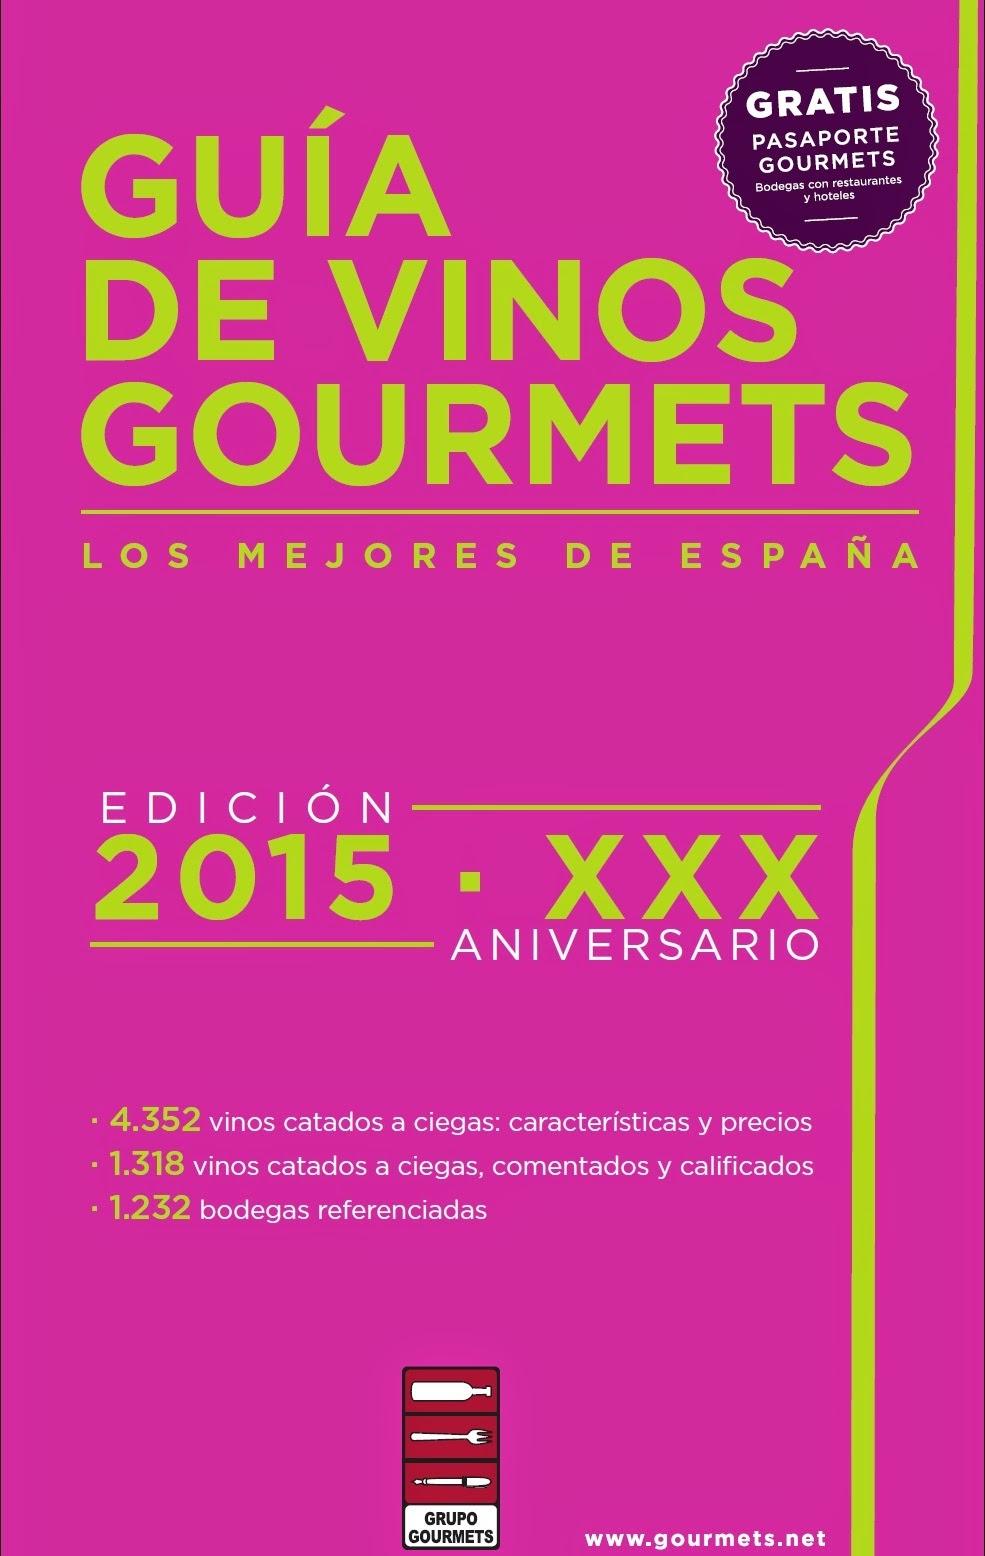 GUIA GOURMETS 2015